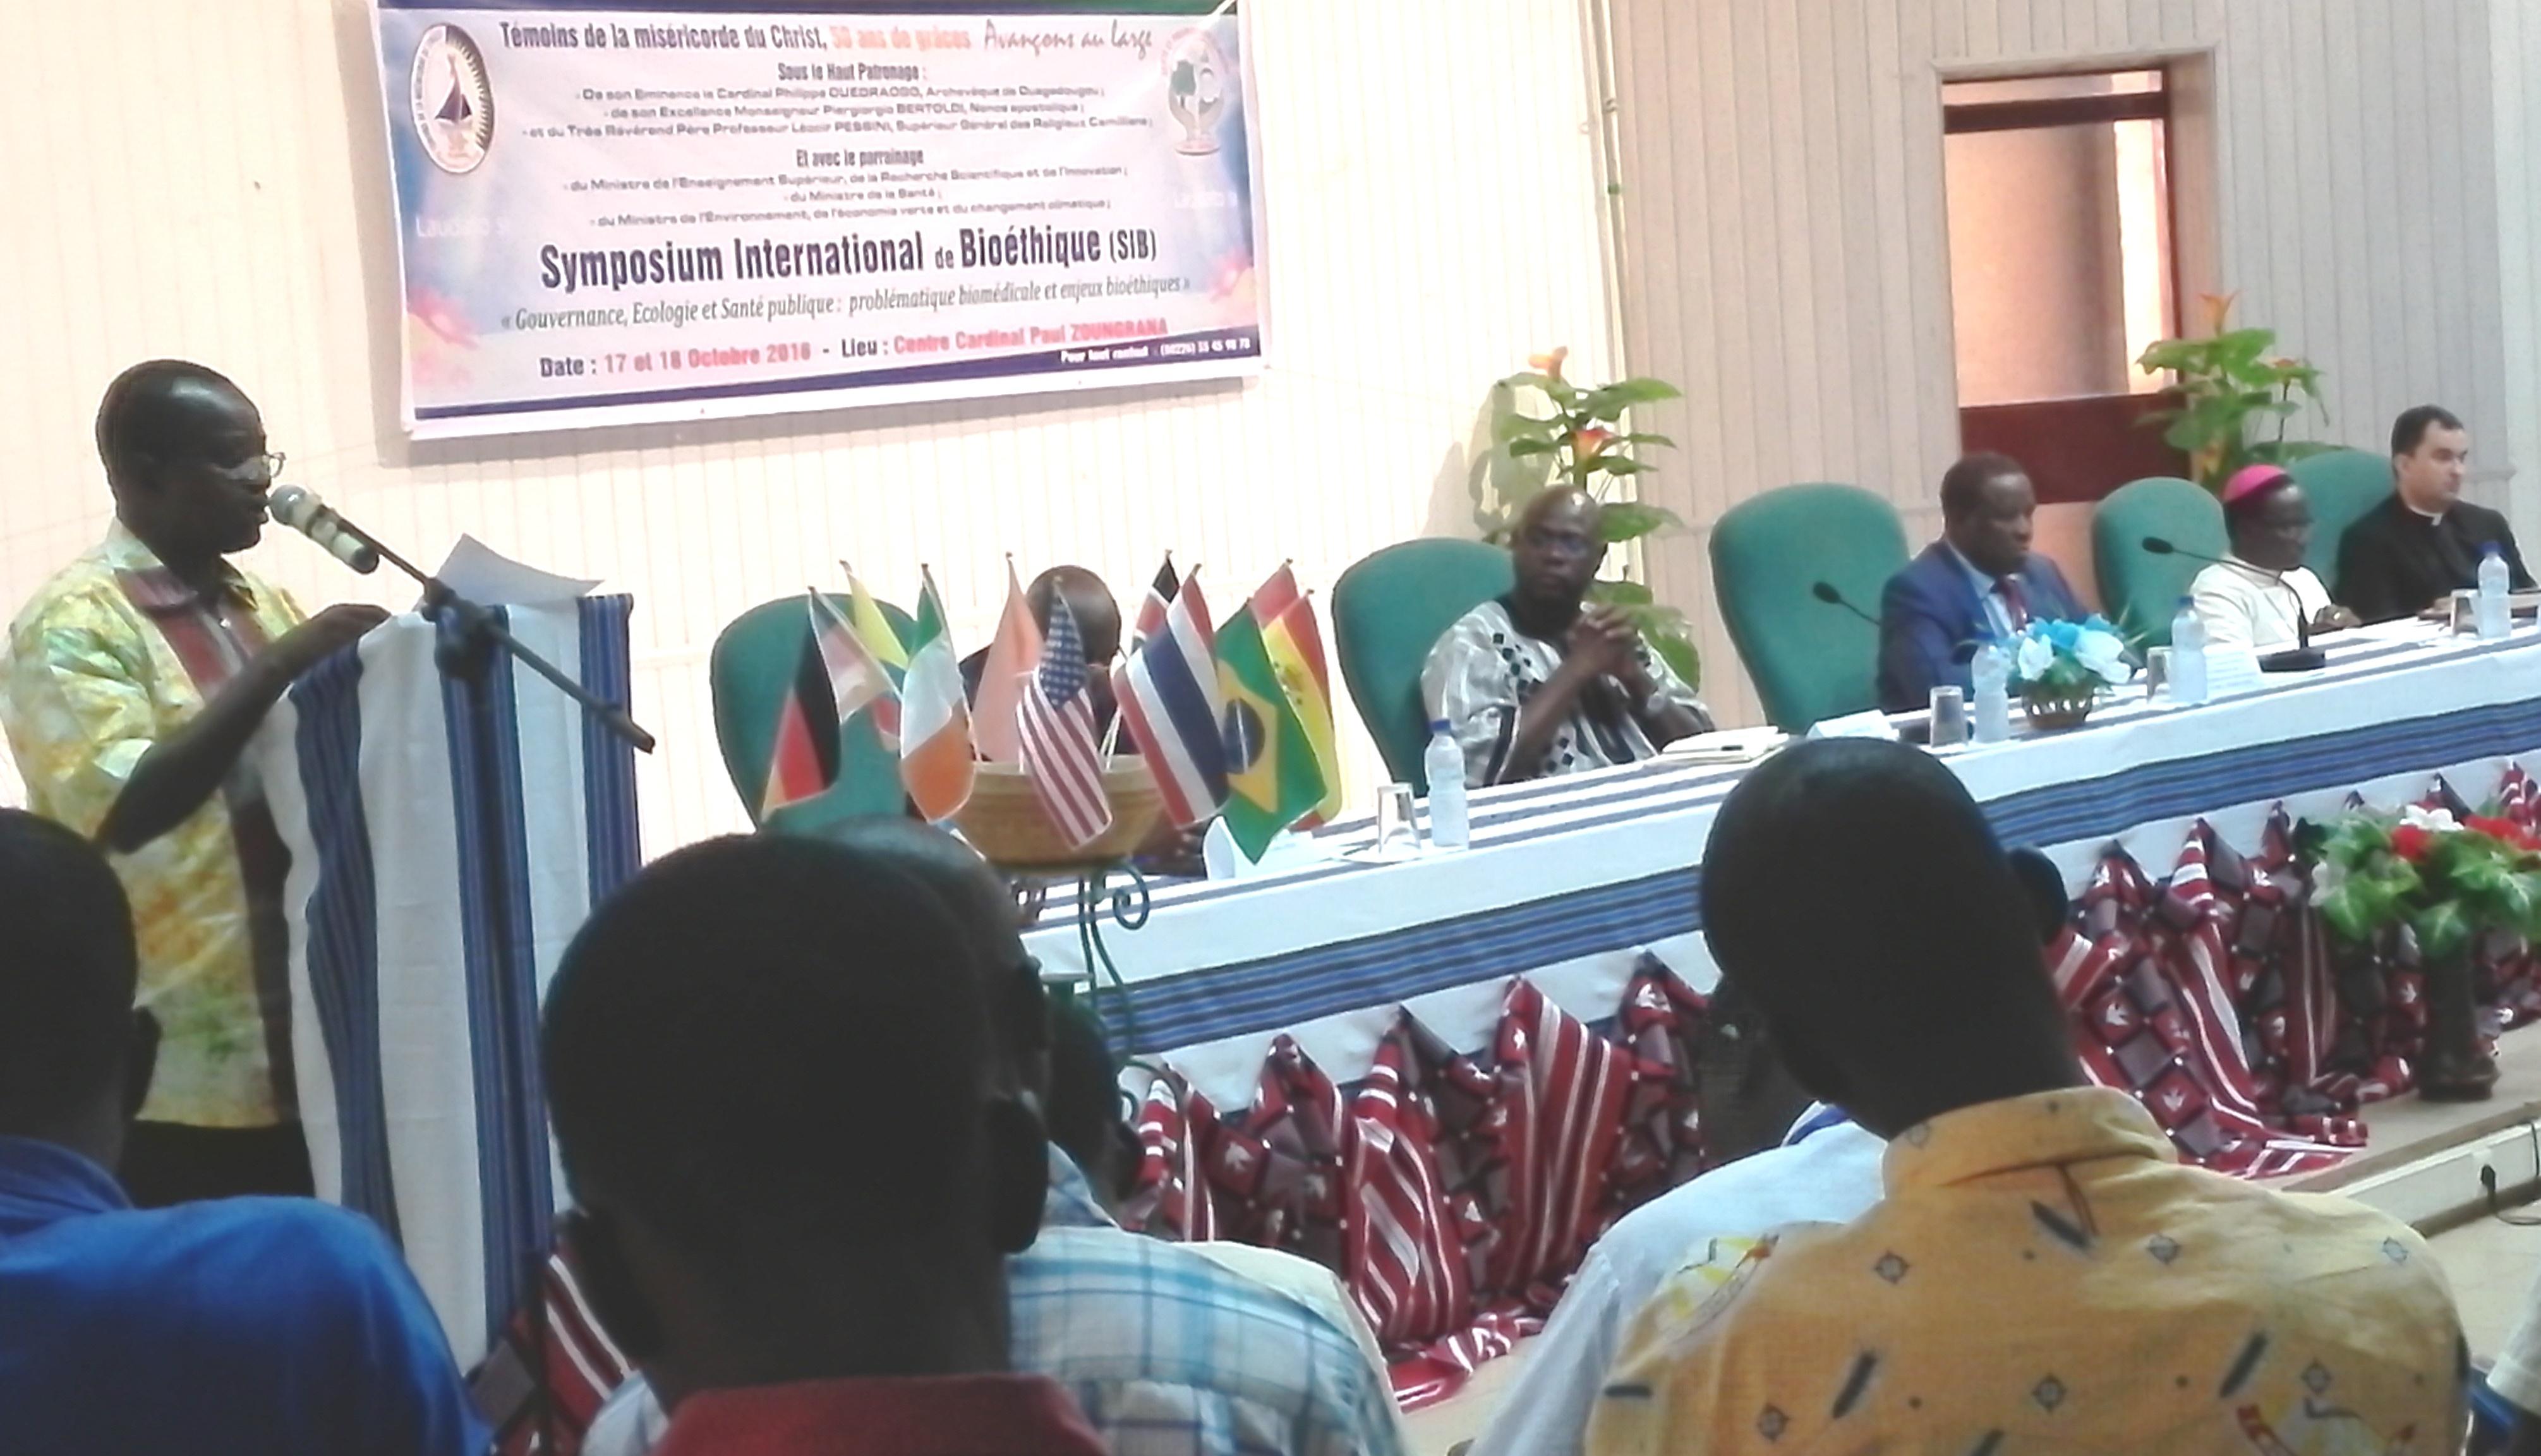 SYMPOSIUM INTERNATIONAL DE BIOETHIQUE ORGANISE PAR LE CENTRE DE RECHERCHE BIOMOLÉCULAIRE           A OUAGADOUGOU.